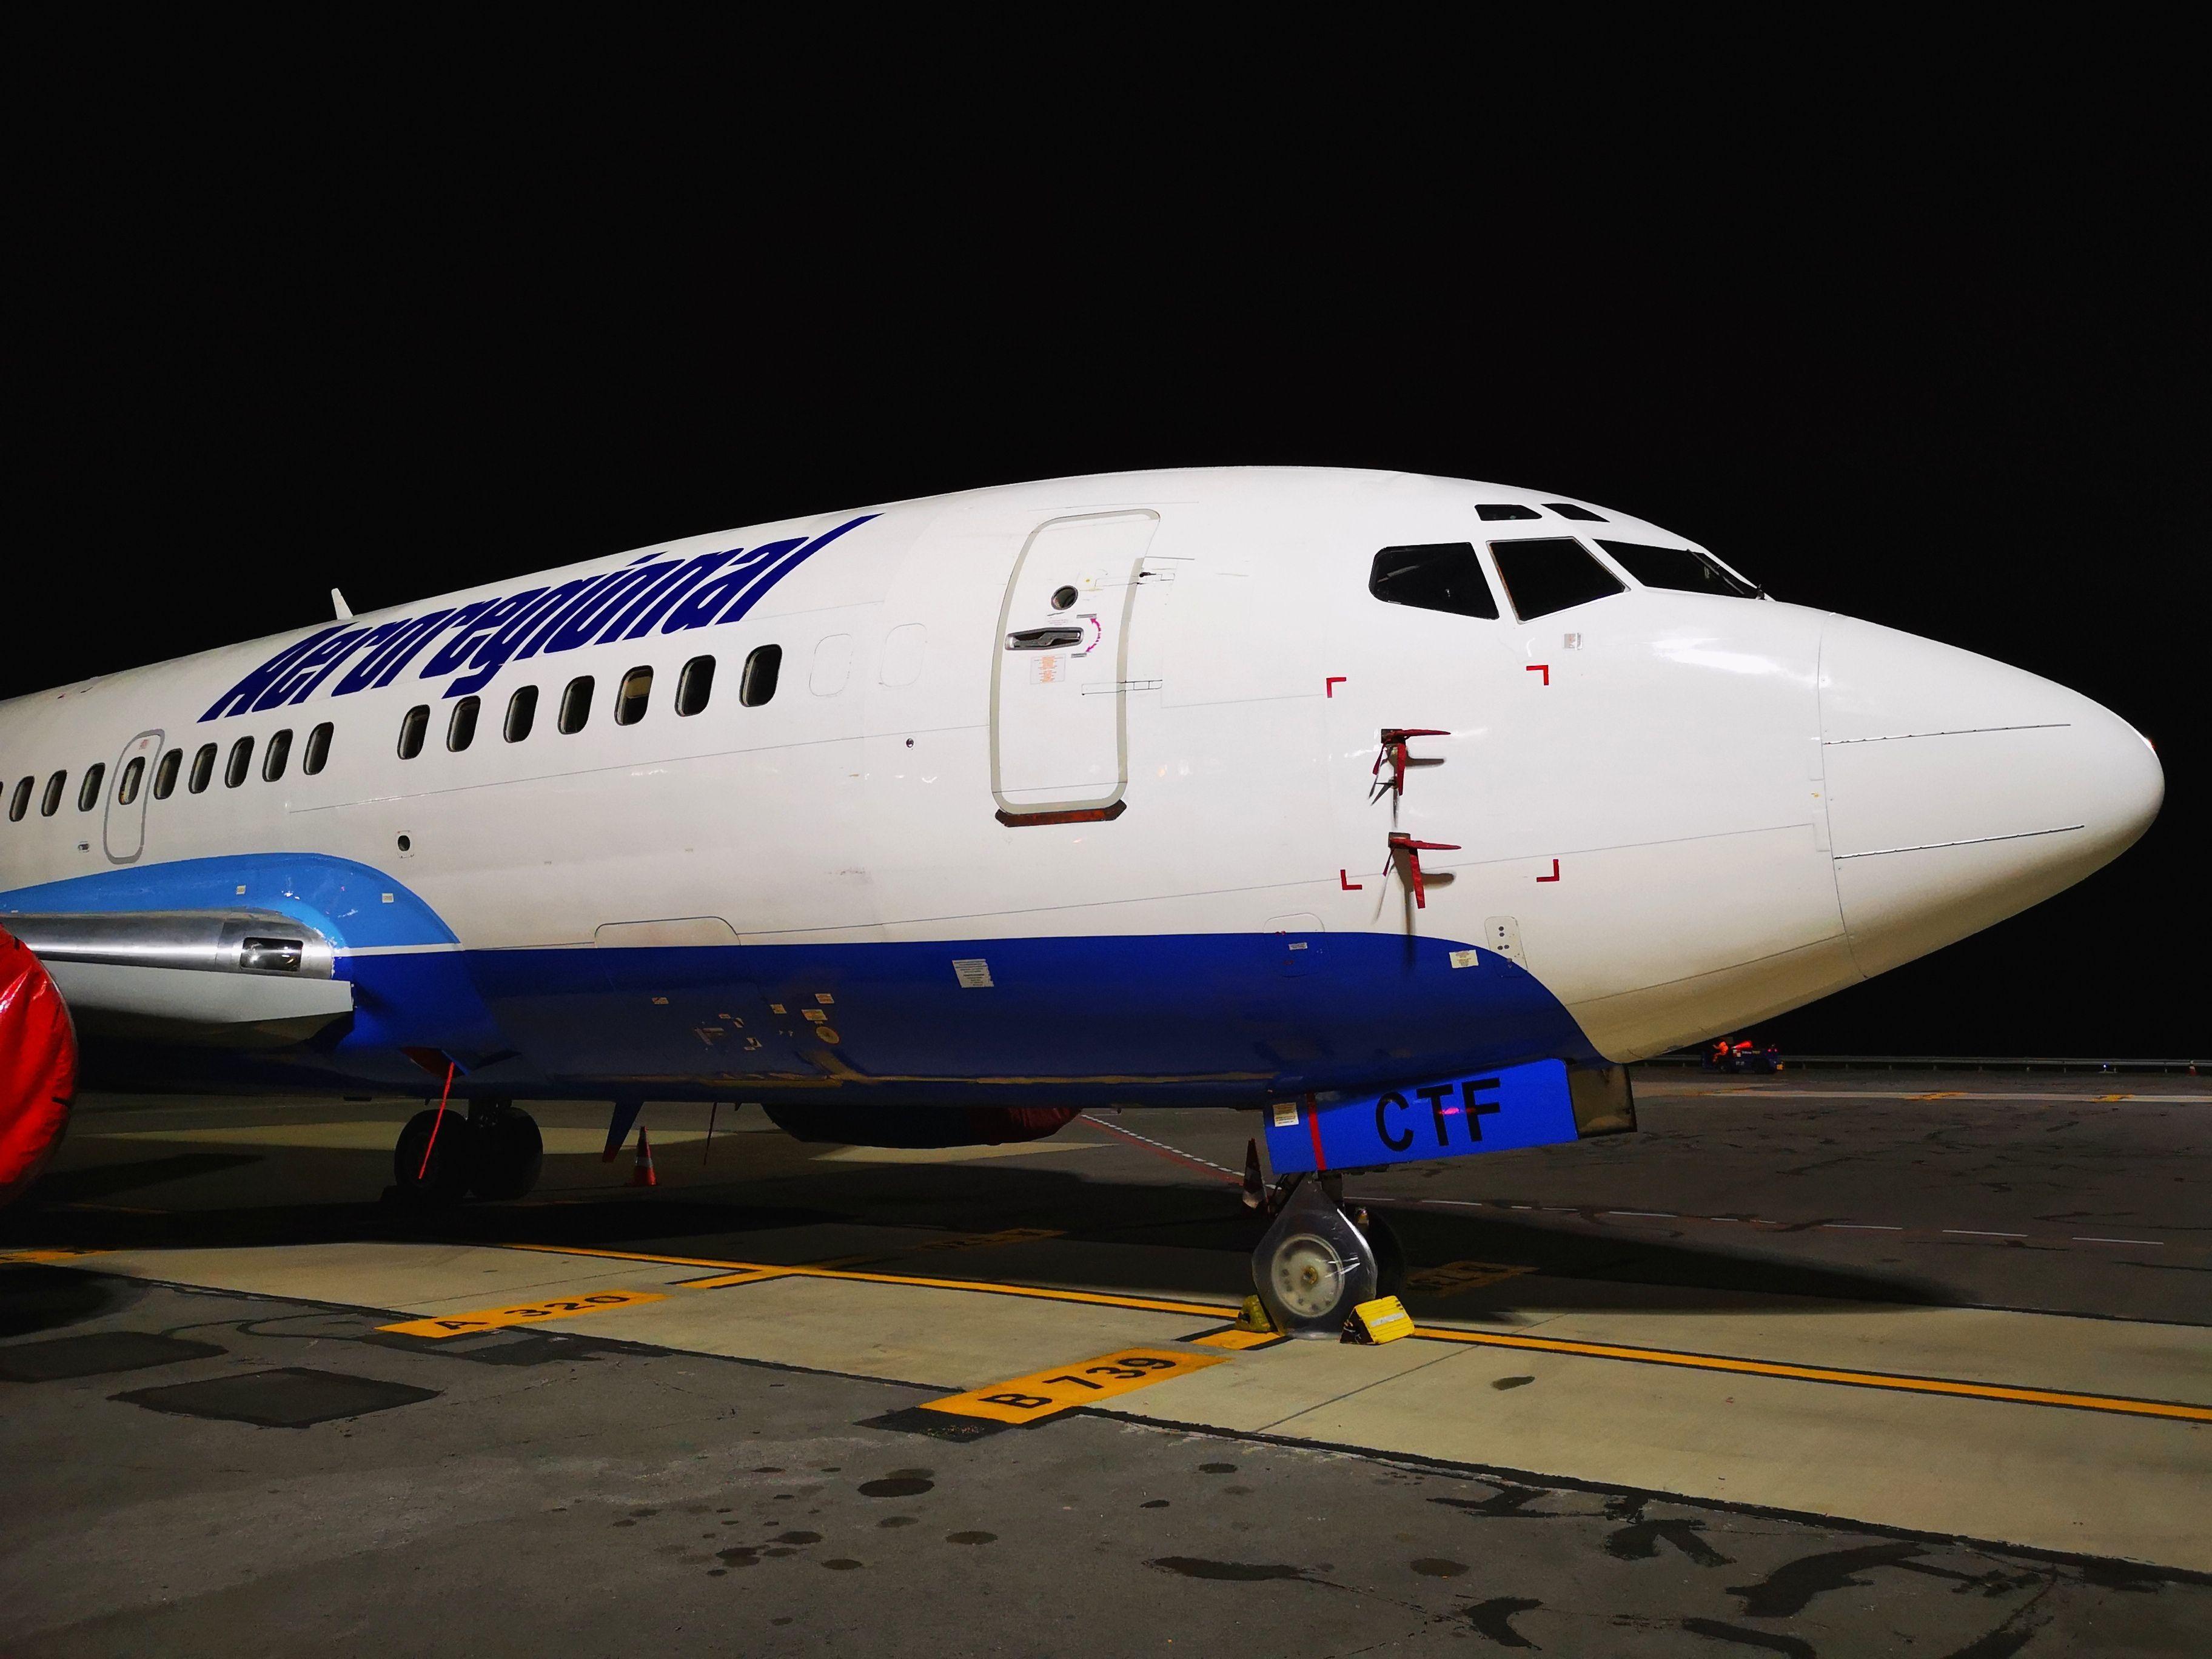 La Aerolínea Ecuatoriana Aeroregional Certificada Para Operar Vuelos Regulares Domésticos En Ecuador Los Vuelos Iniciarían En Juli Ecuador Vuelos Aerolineas